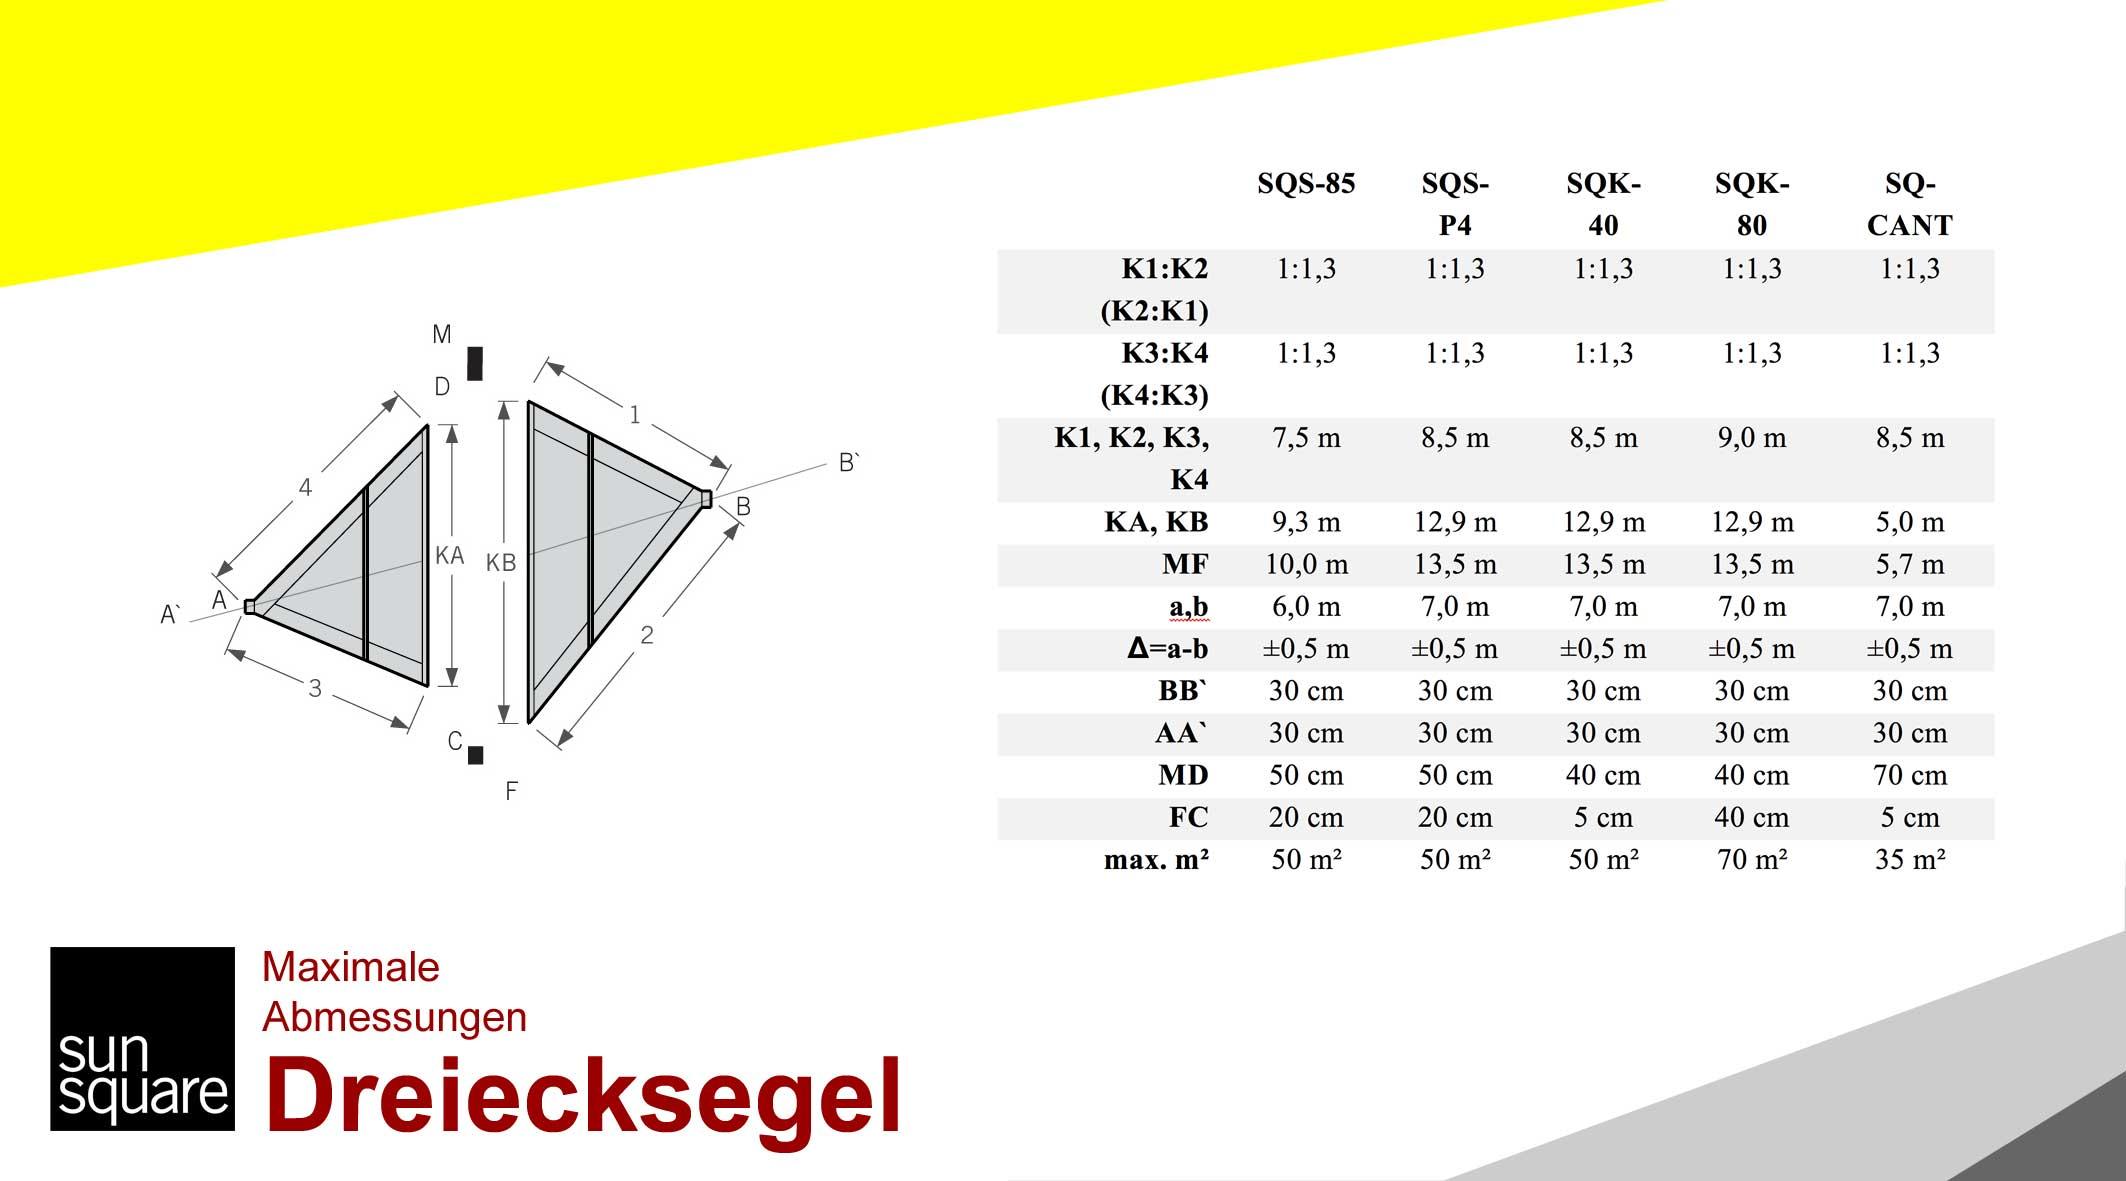 Dreiecksegel Sonnenschutz Skizze